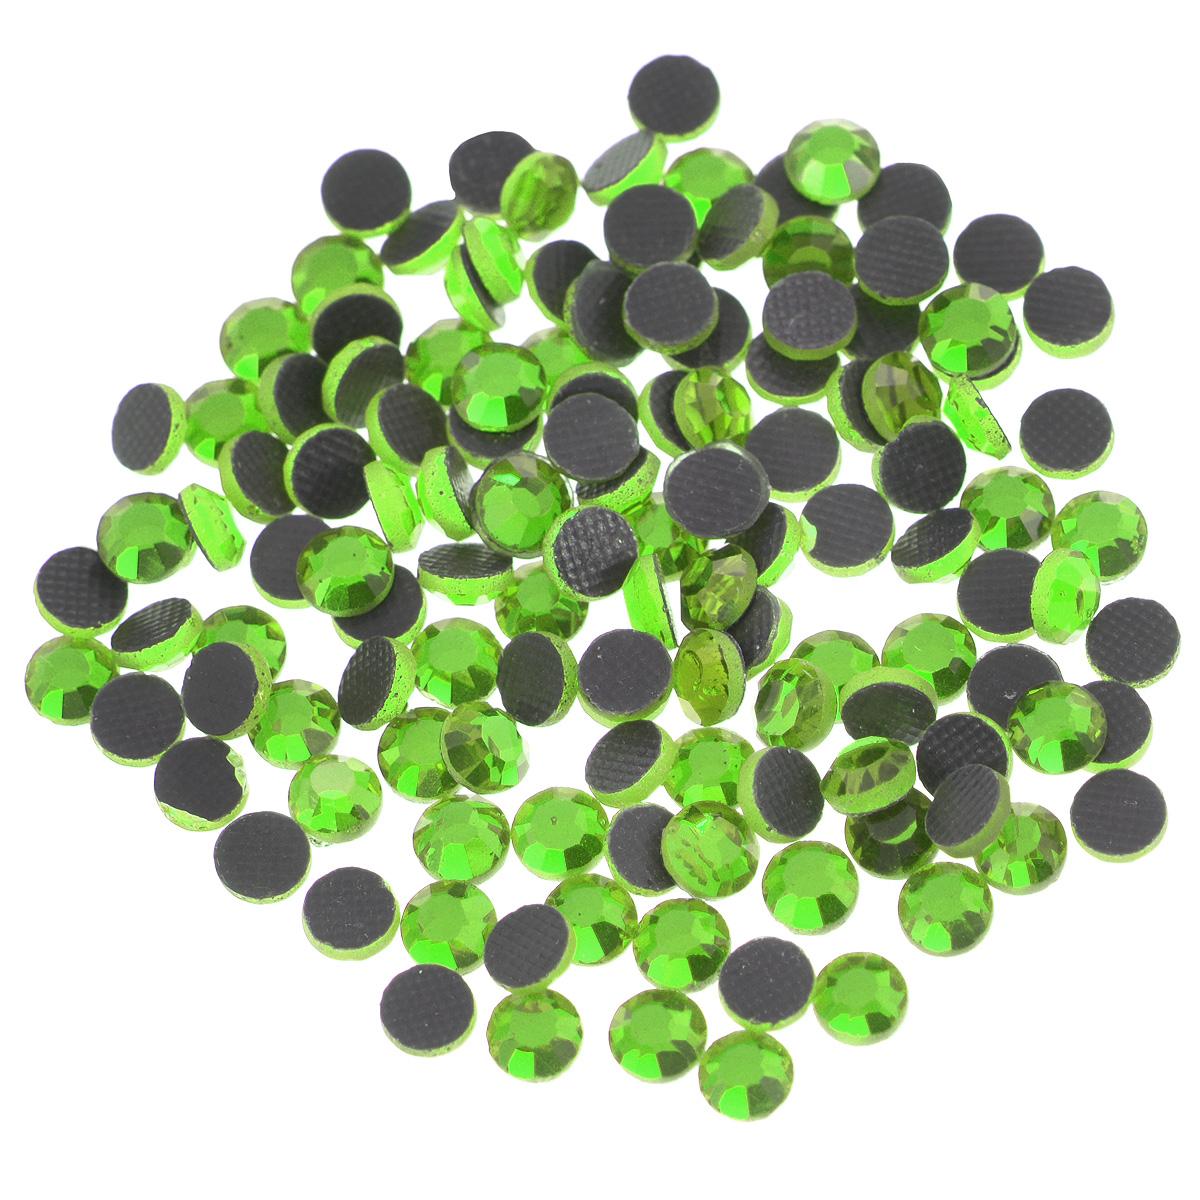 """Стразы термоклеевые """"Cristal"""", цвет: светло-зеленый (214), диаметр 4 мм, 144 шт"""